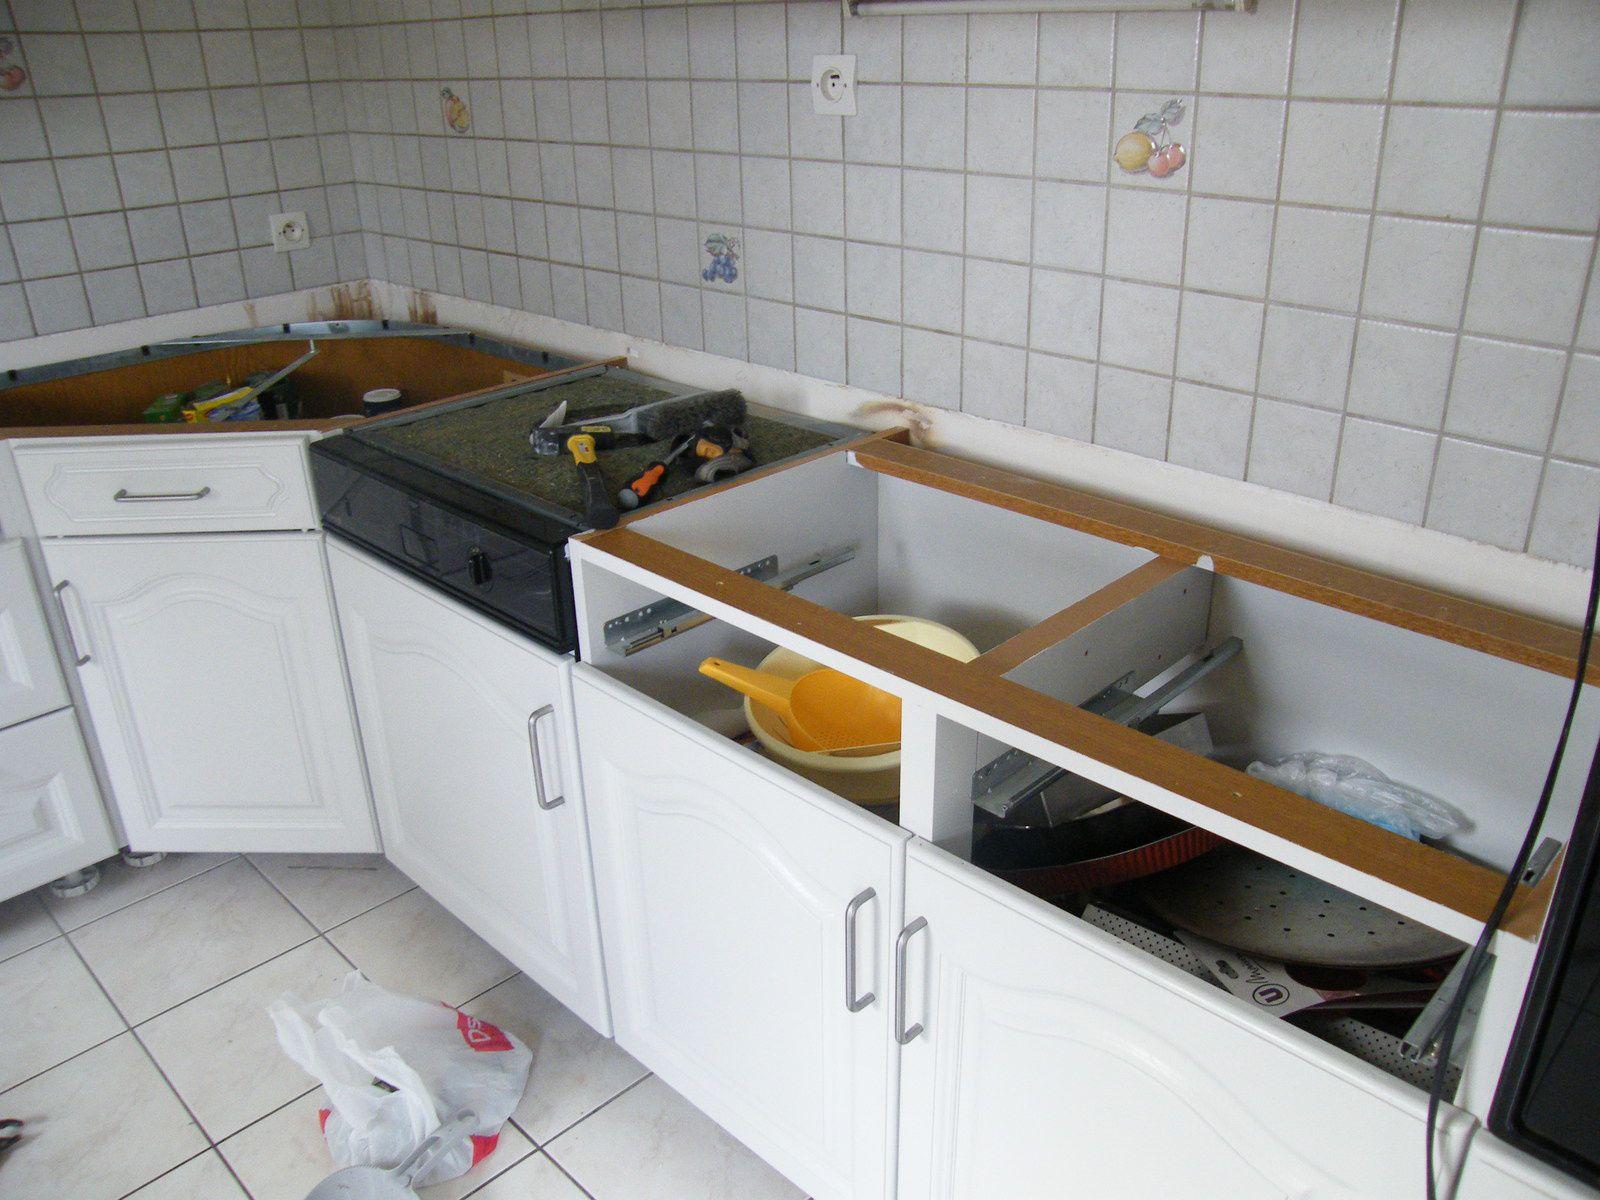 Cacher Plan De Travail Cuisine rénover une cuisine : comment repeindre une cuisine en chêne